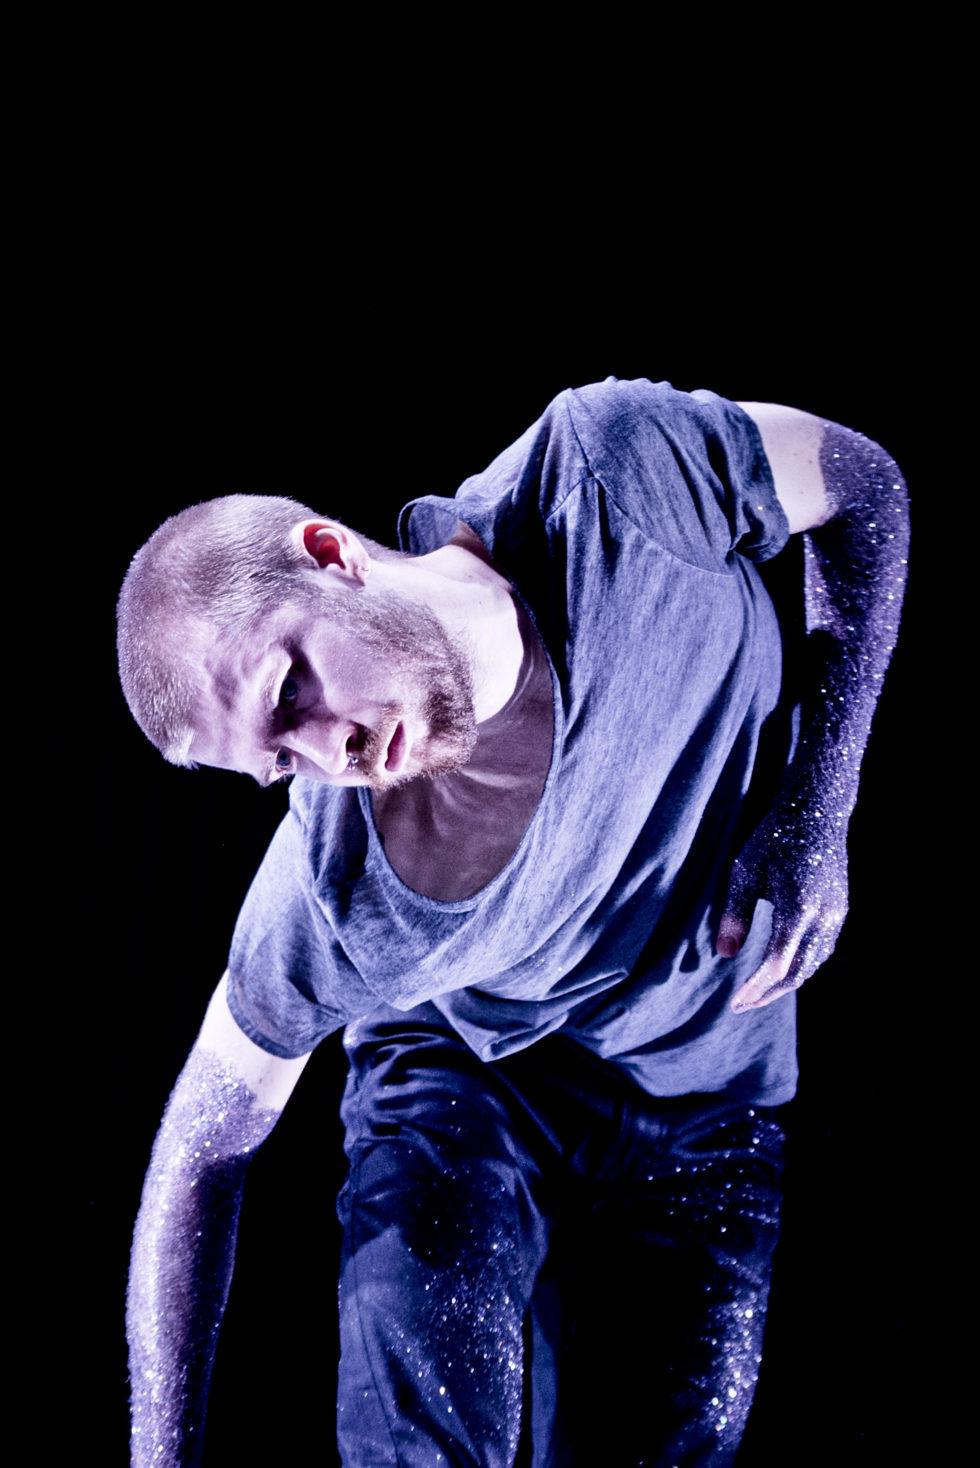 Verket Against the Current, Glow är skapat som fyra unika soloprojekt för kompaniets dansare Anna Pehrsson, Samuel Draper, Agnieszka Sjökvist Dlugoszewska och Daniel Sjökvist. Urpremiär, med två solon per kväll, på Weld i Stockholm 20-21 november kl. 19.00.